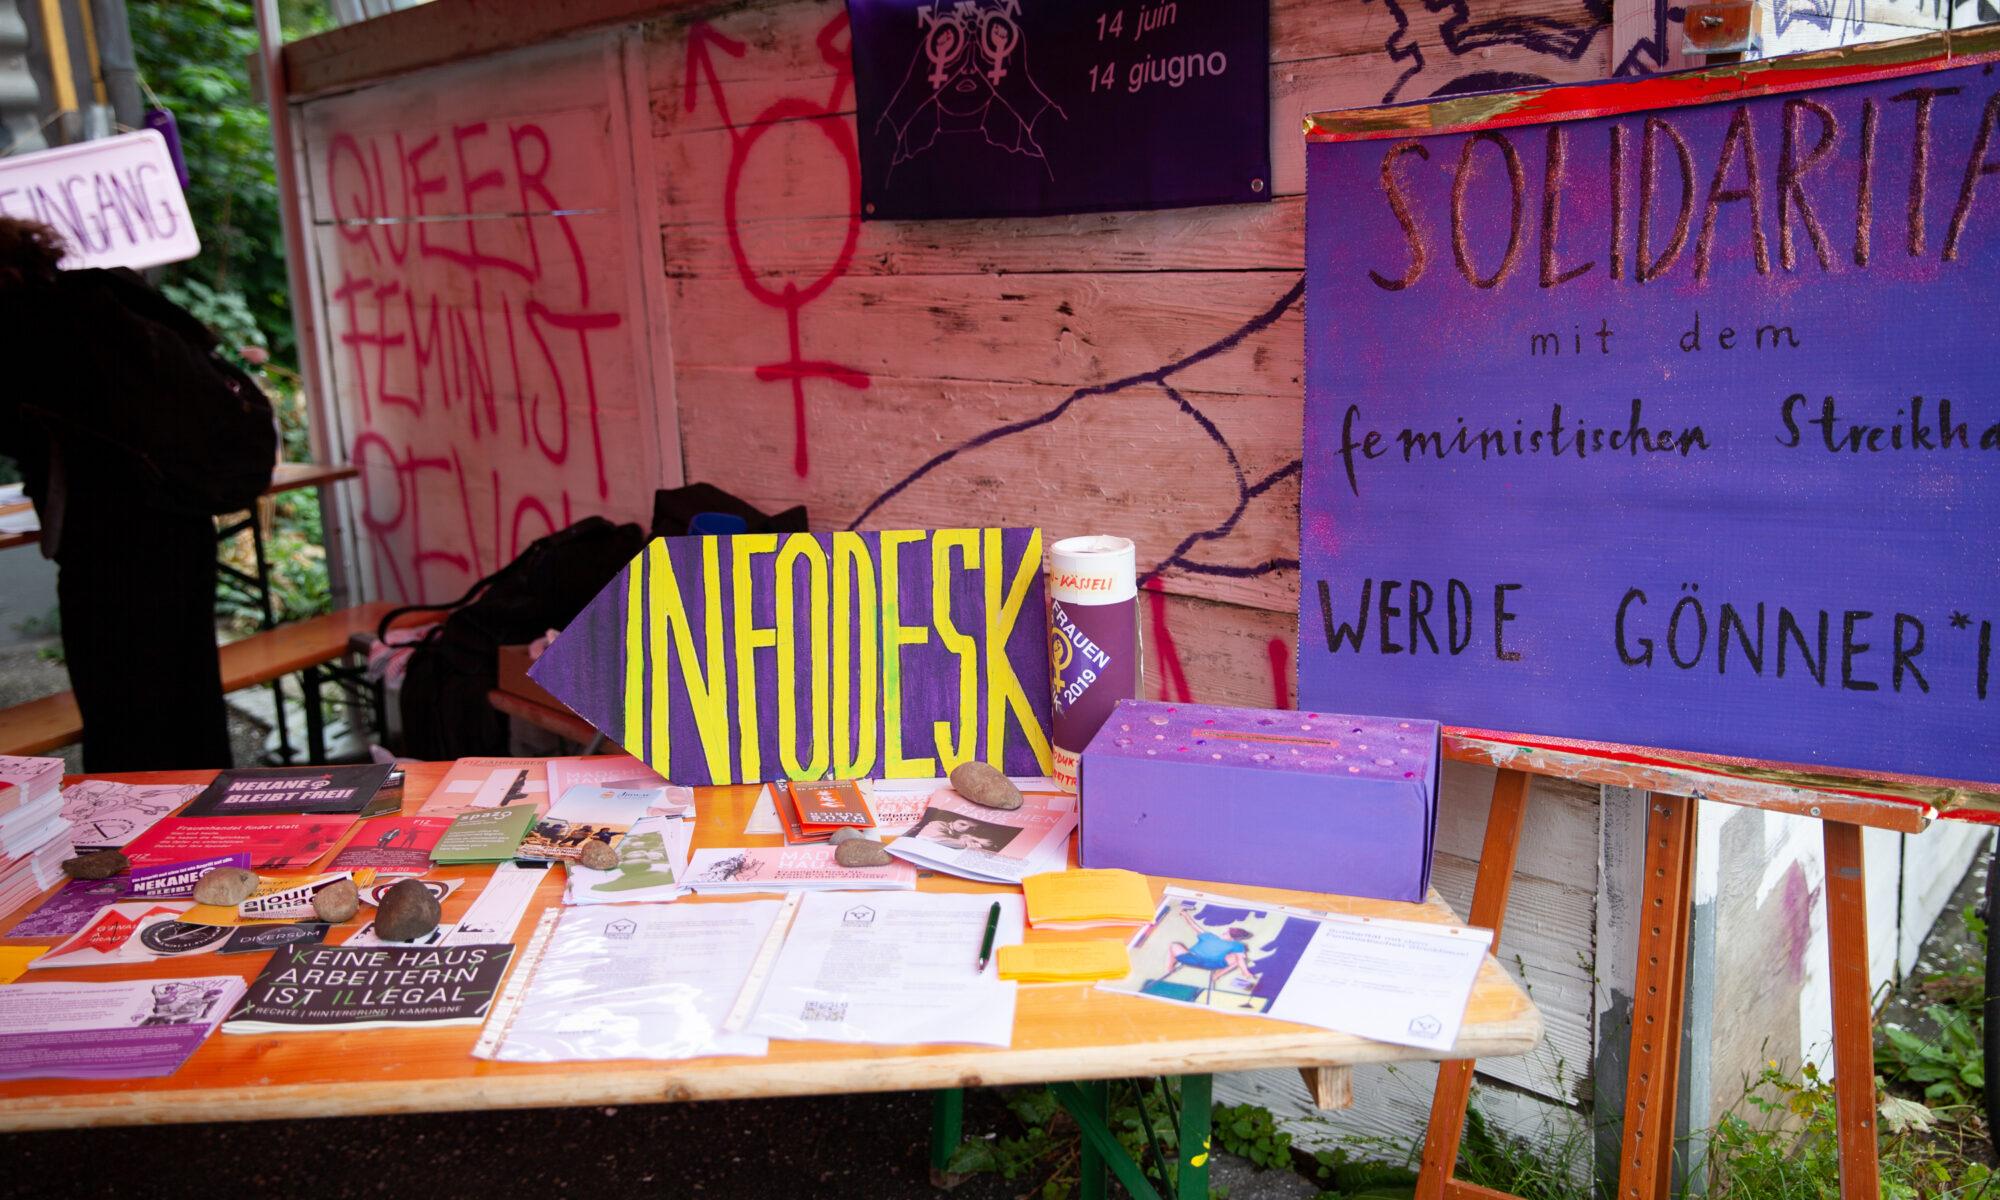 Bild des Infostands. Mehrere Schilder und Flyer sind aufgehängt oder aufgelegt.